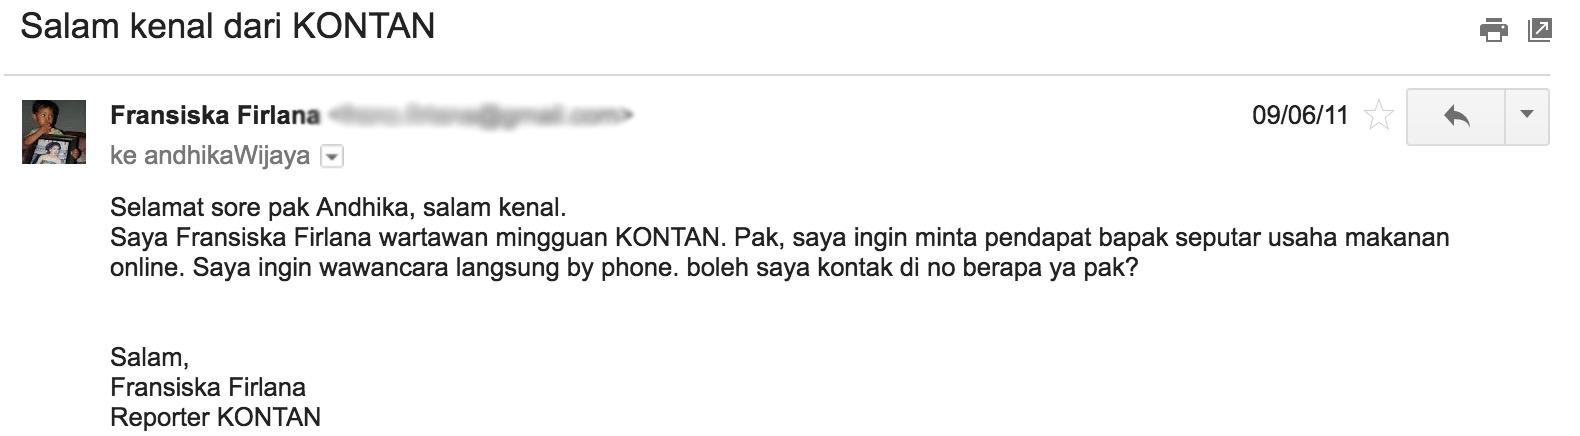 Email dari Wartawan KONTAN, Fransiska Firlana